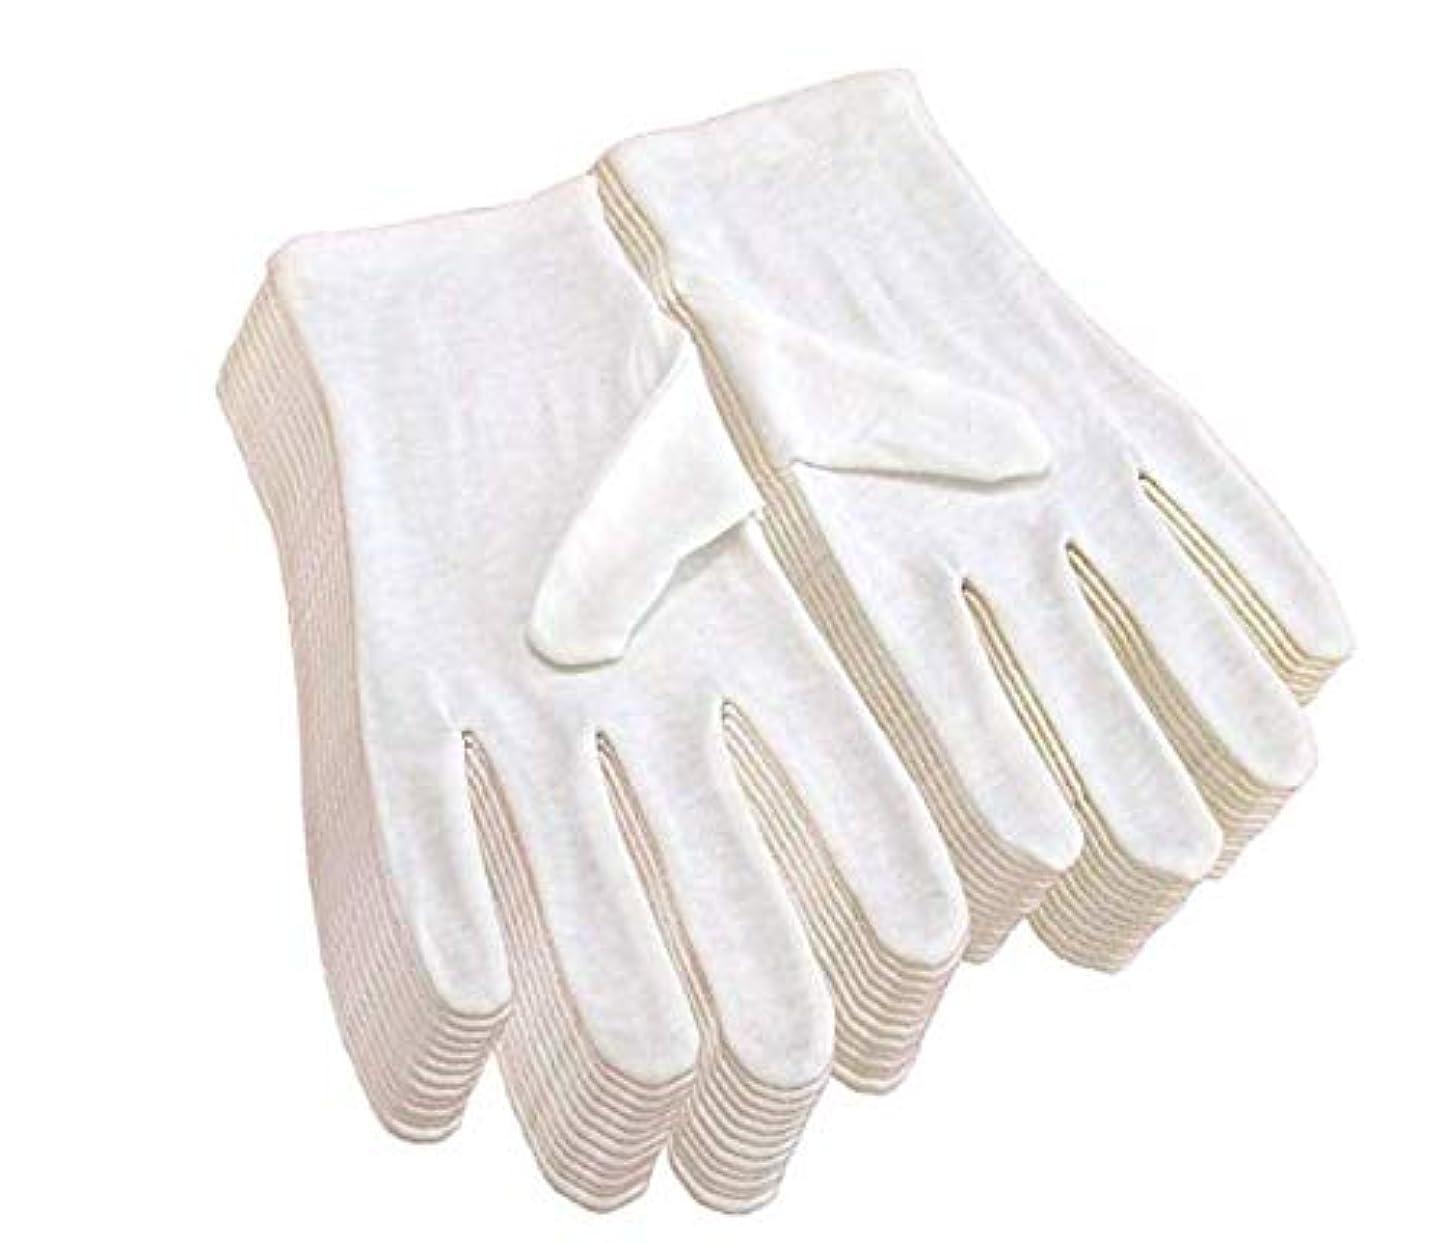 曲げる深さパトロールMukexi コットン手袋 綿手袋 手荒れ 純綿100% 使い捨て 白手袋 薄手 お休み 湿疹 乾燥肌 保湿 礼装用 メンズ 手袋 レディース 12双組